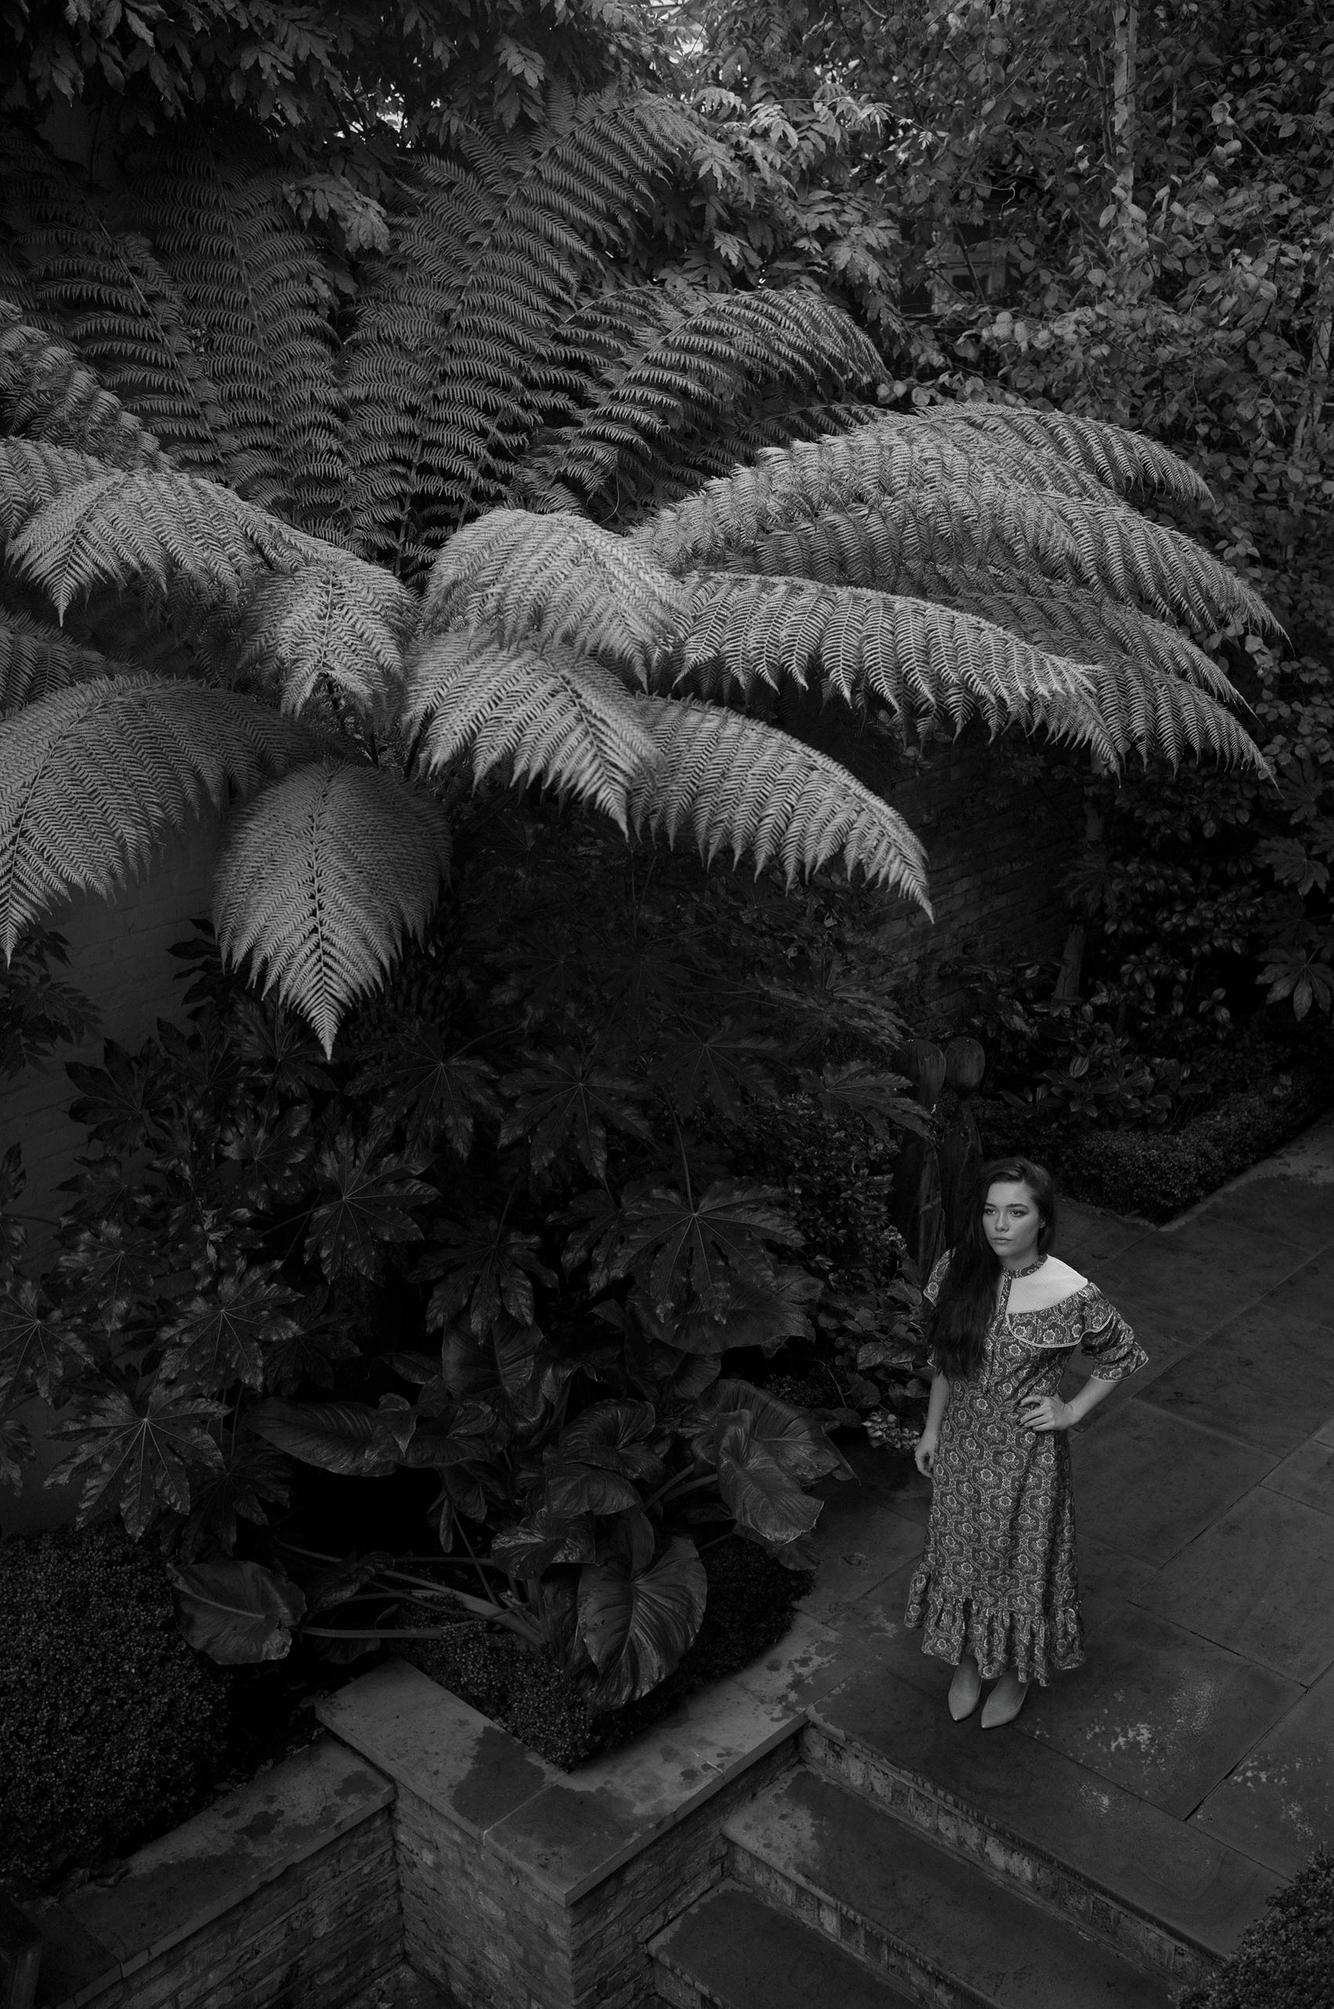 Actress Florence Pugh